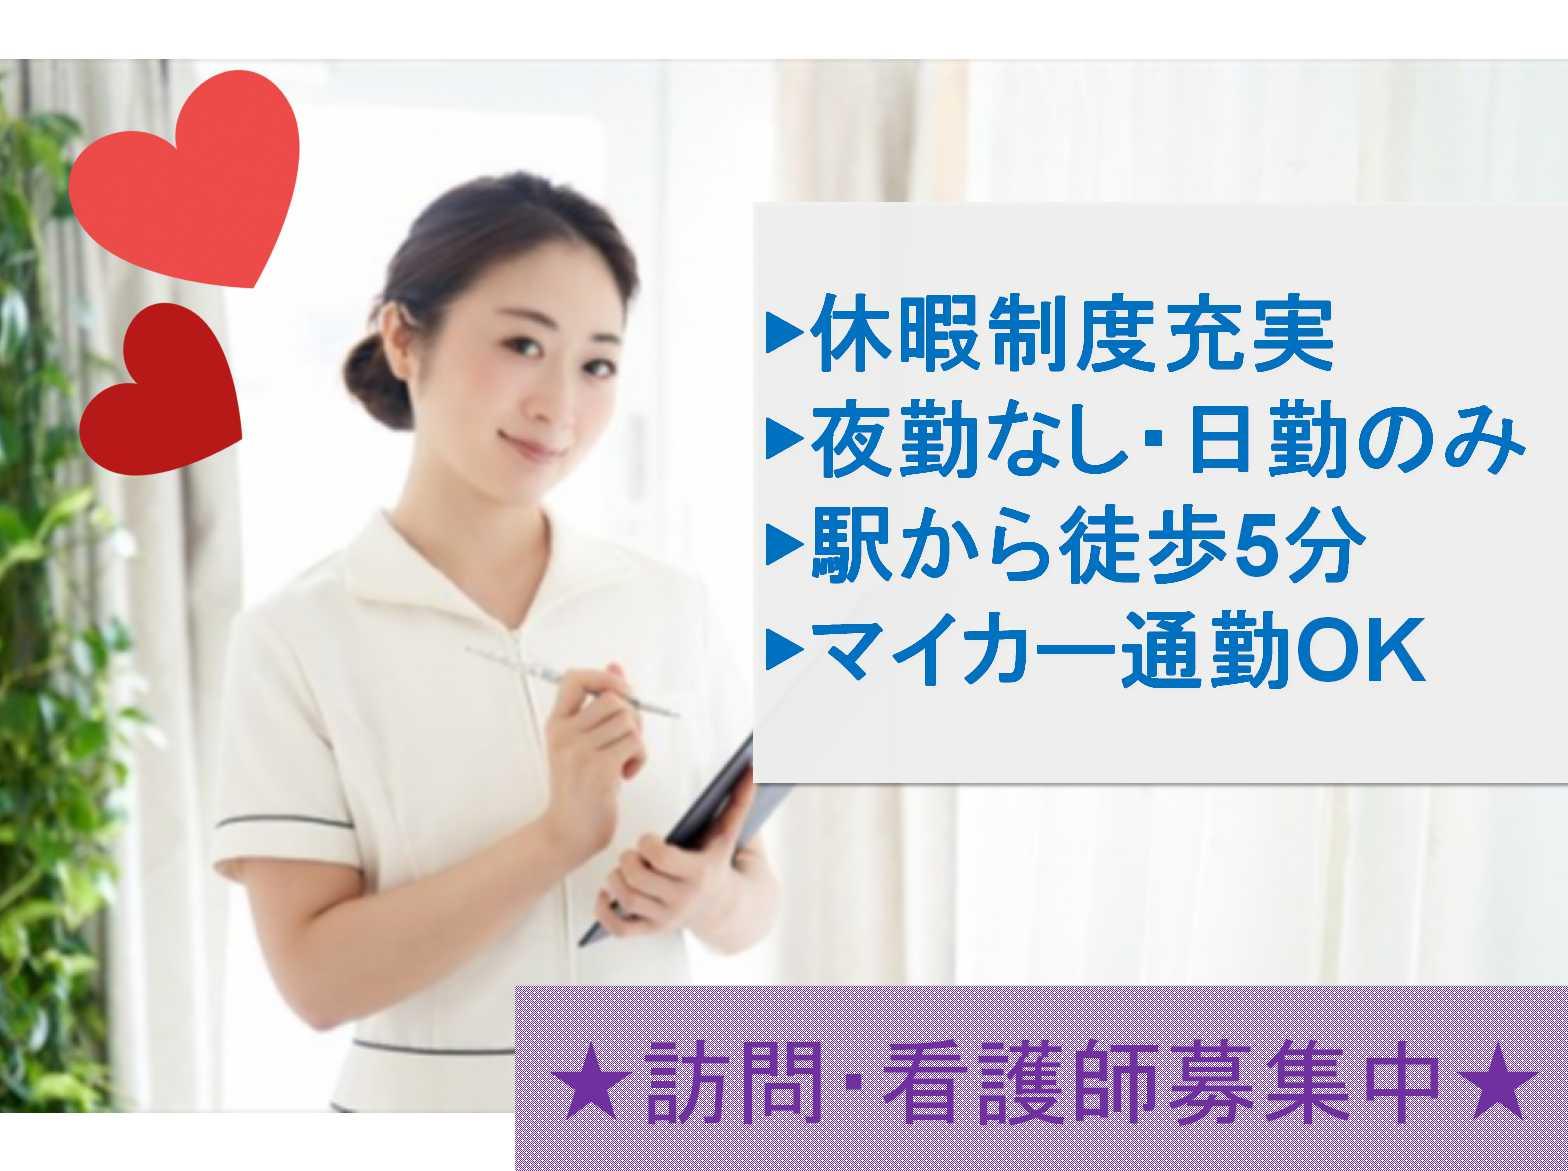 【正社員】日勤のみ!年間休日110日!訪問・看護師募集! イメージ